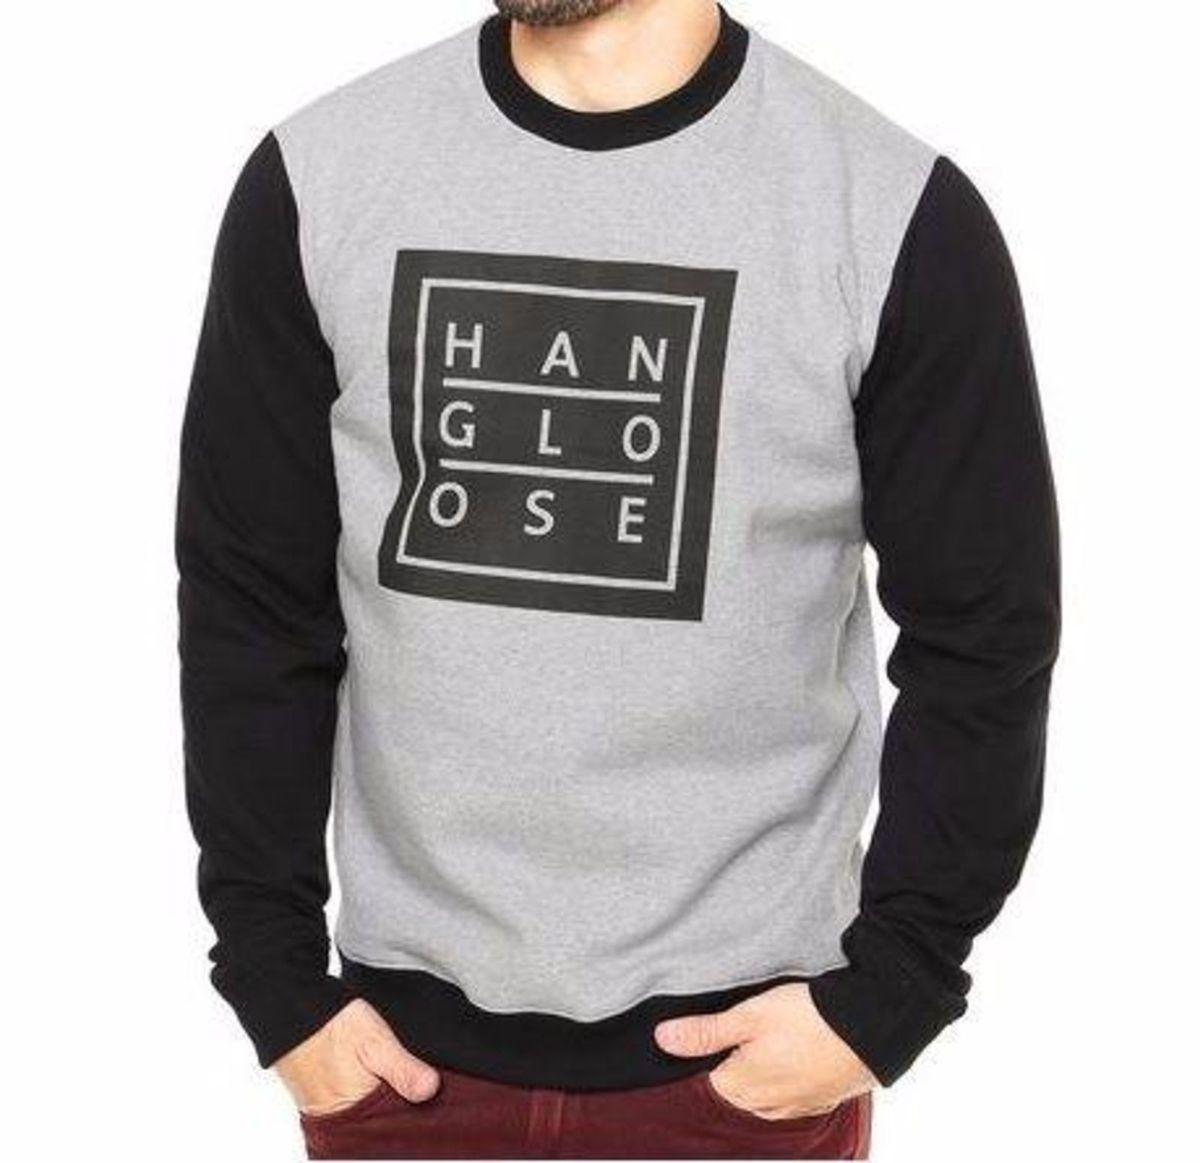 79ae59c346 blusão hang loose - casacos hang-loose.  Czm6ly9wag90b3muzw5qb2vplmnvbs5ici9wcm9kdwn0cy81nzkzotcxlzm5yzezogfjnzyxotk0ytczymqxnzk2mwi1nwvjyti1lmpwzw